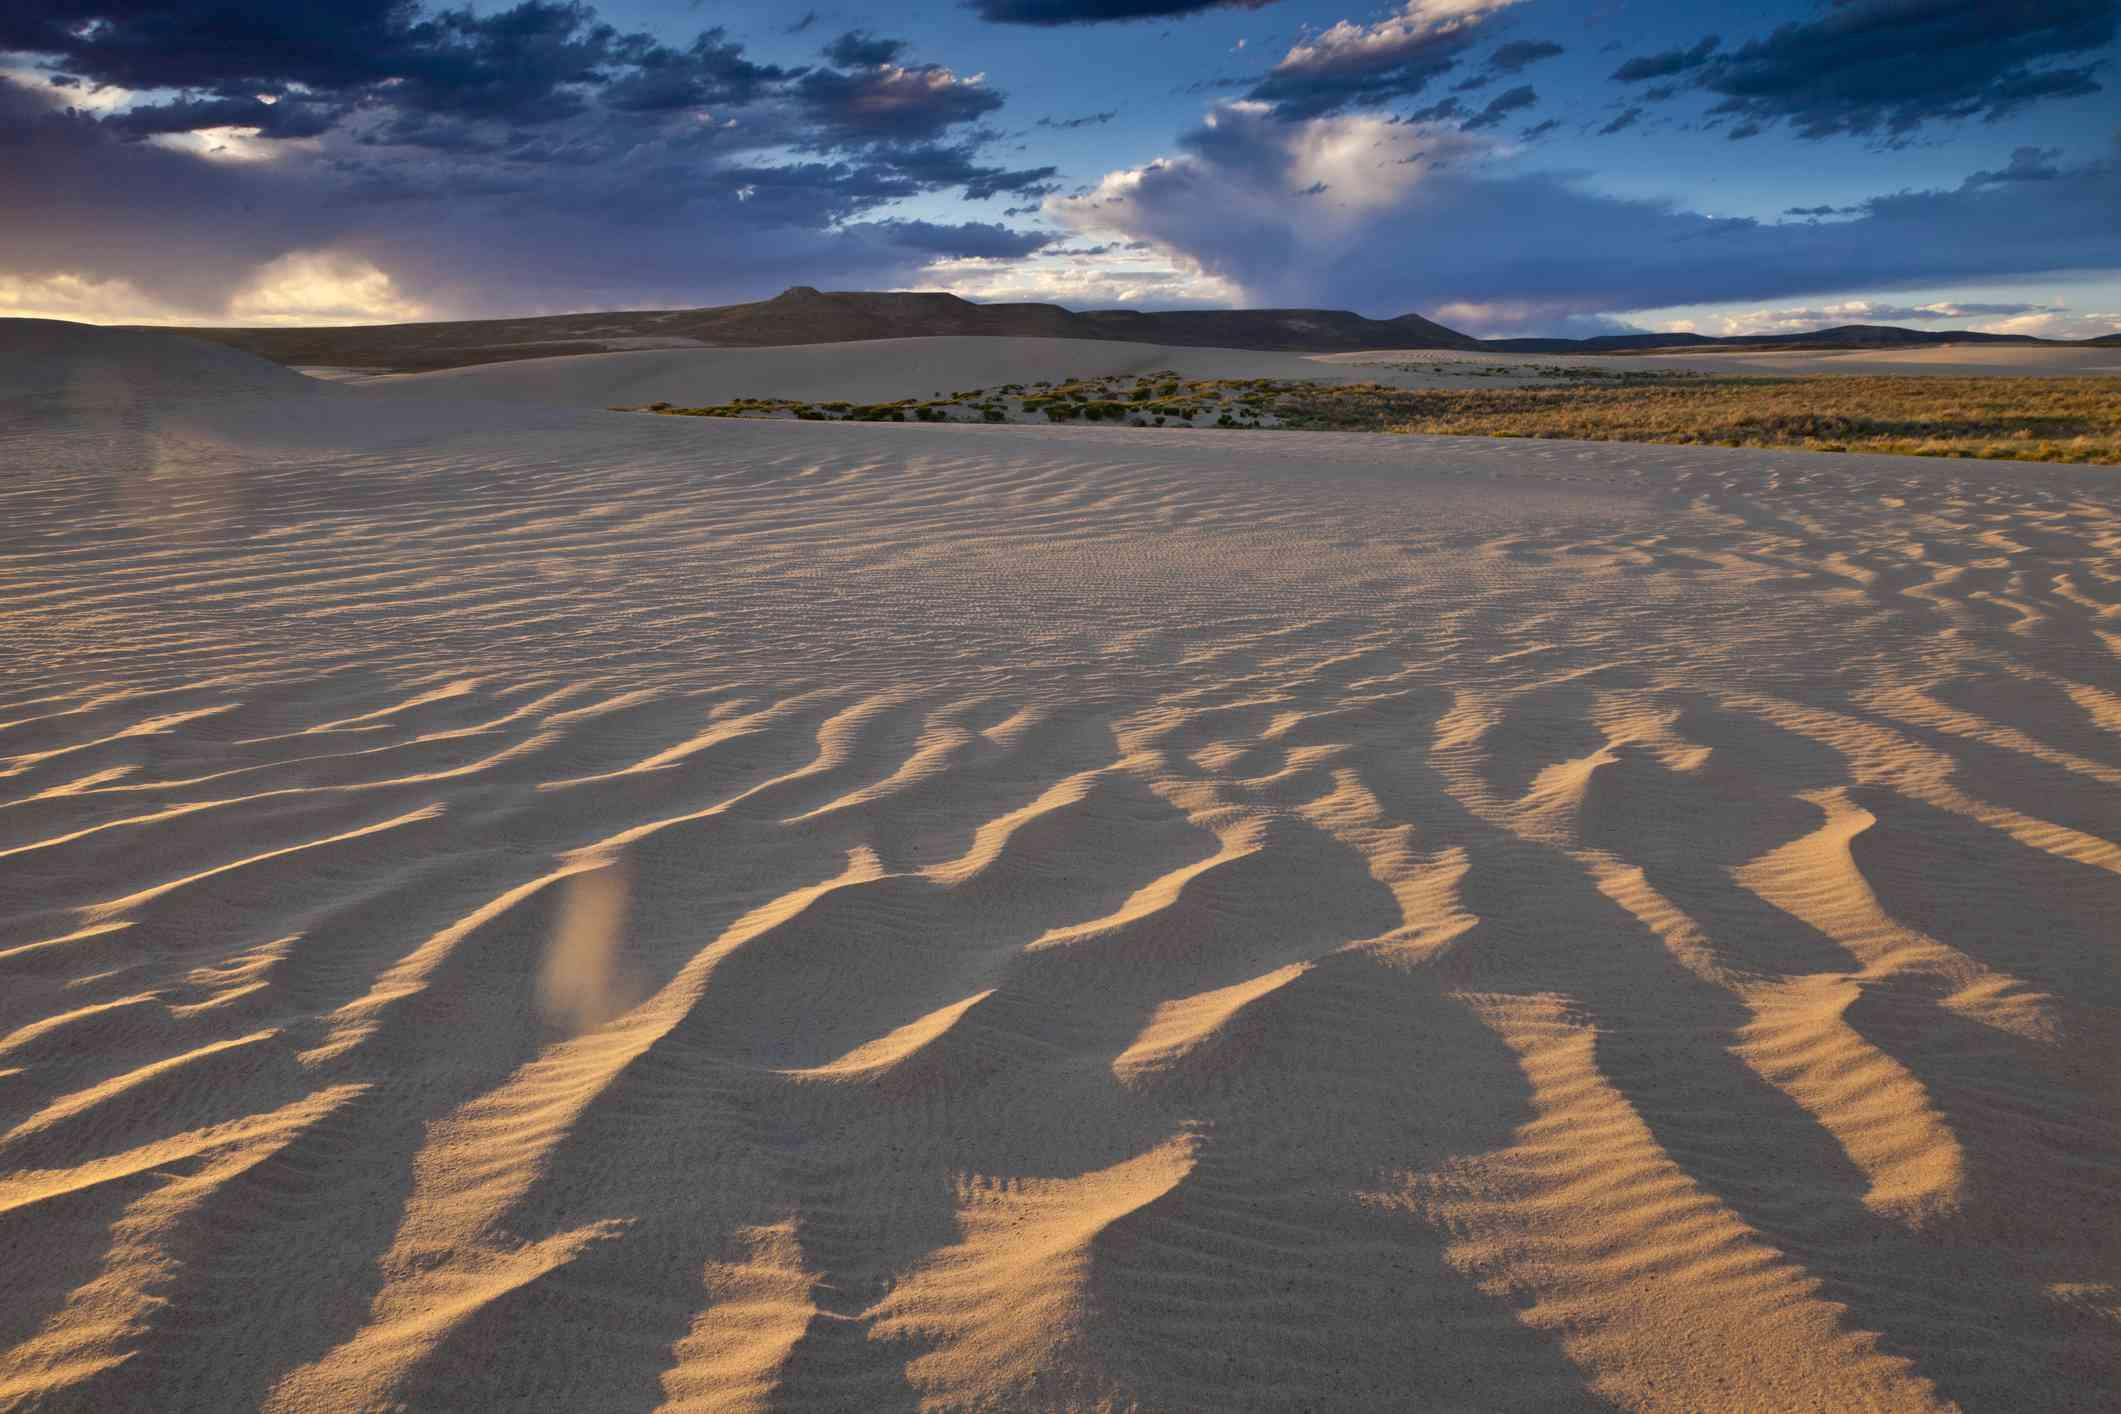 Killpecker Dunes in Wyomings Red Desert